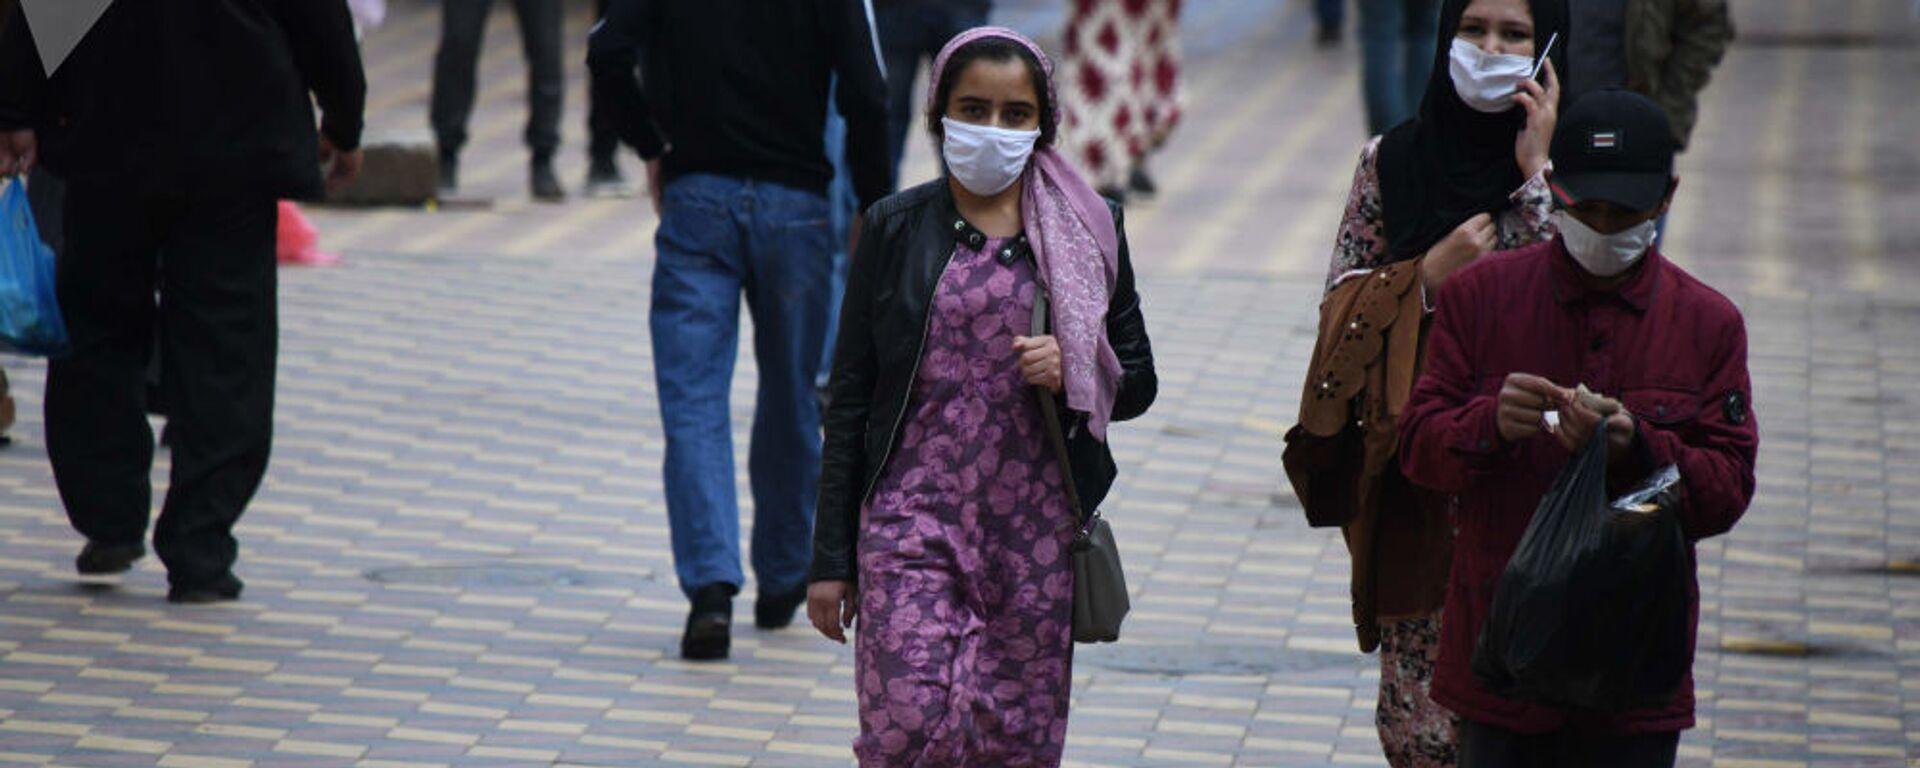 Жители города Душанбе в защитных масках на улице - Sputnik Ўзбекистон, 1920, 14.09.2021